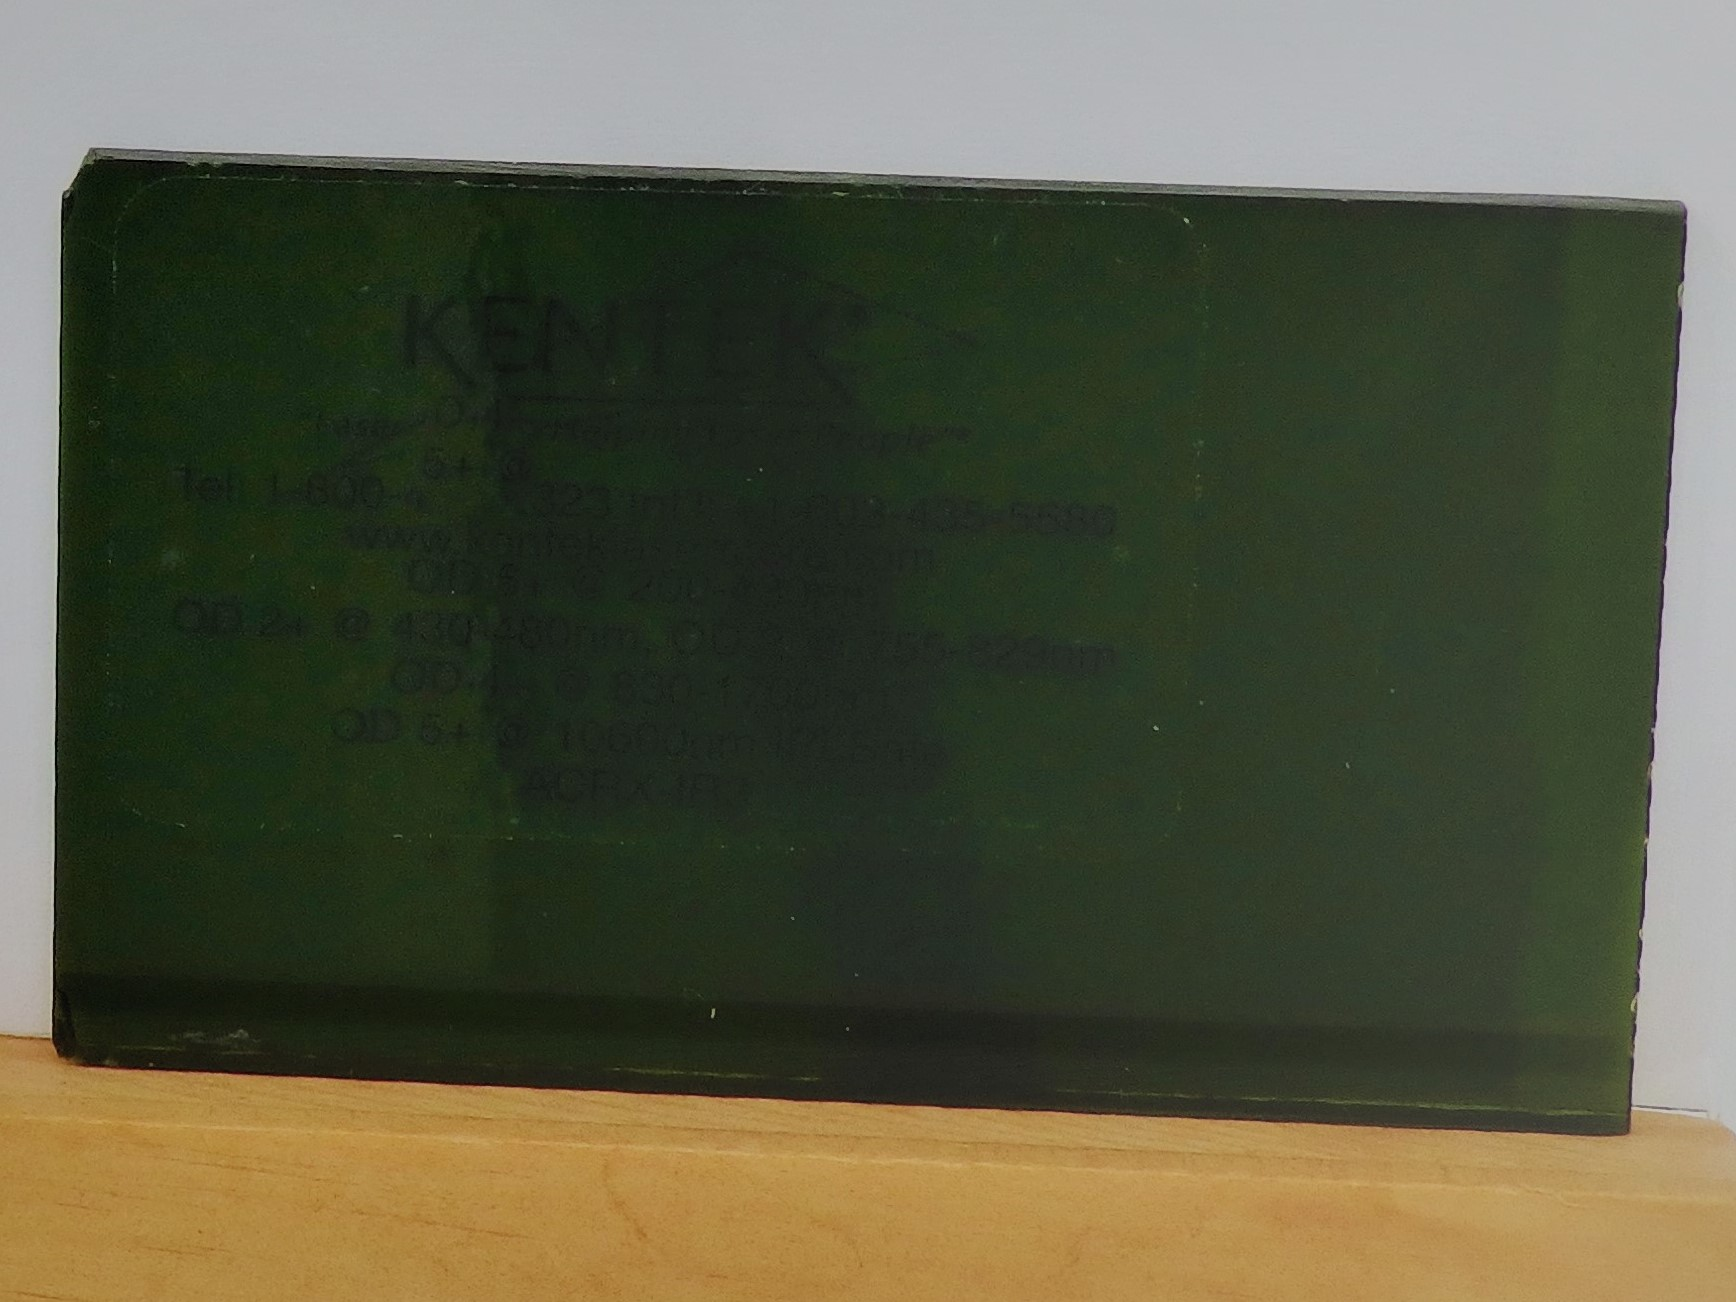 レーザー保護ウィンドウ  ACRX-IR3A     グリーン 25%VLT IRマルチ